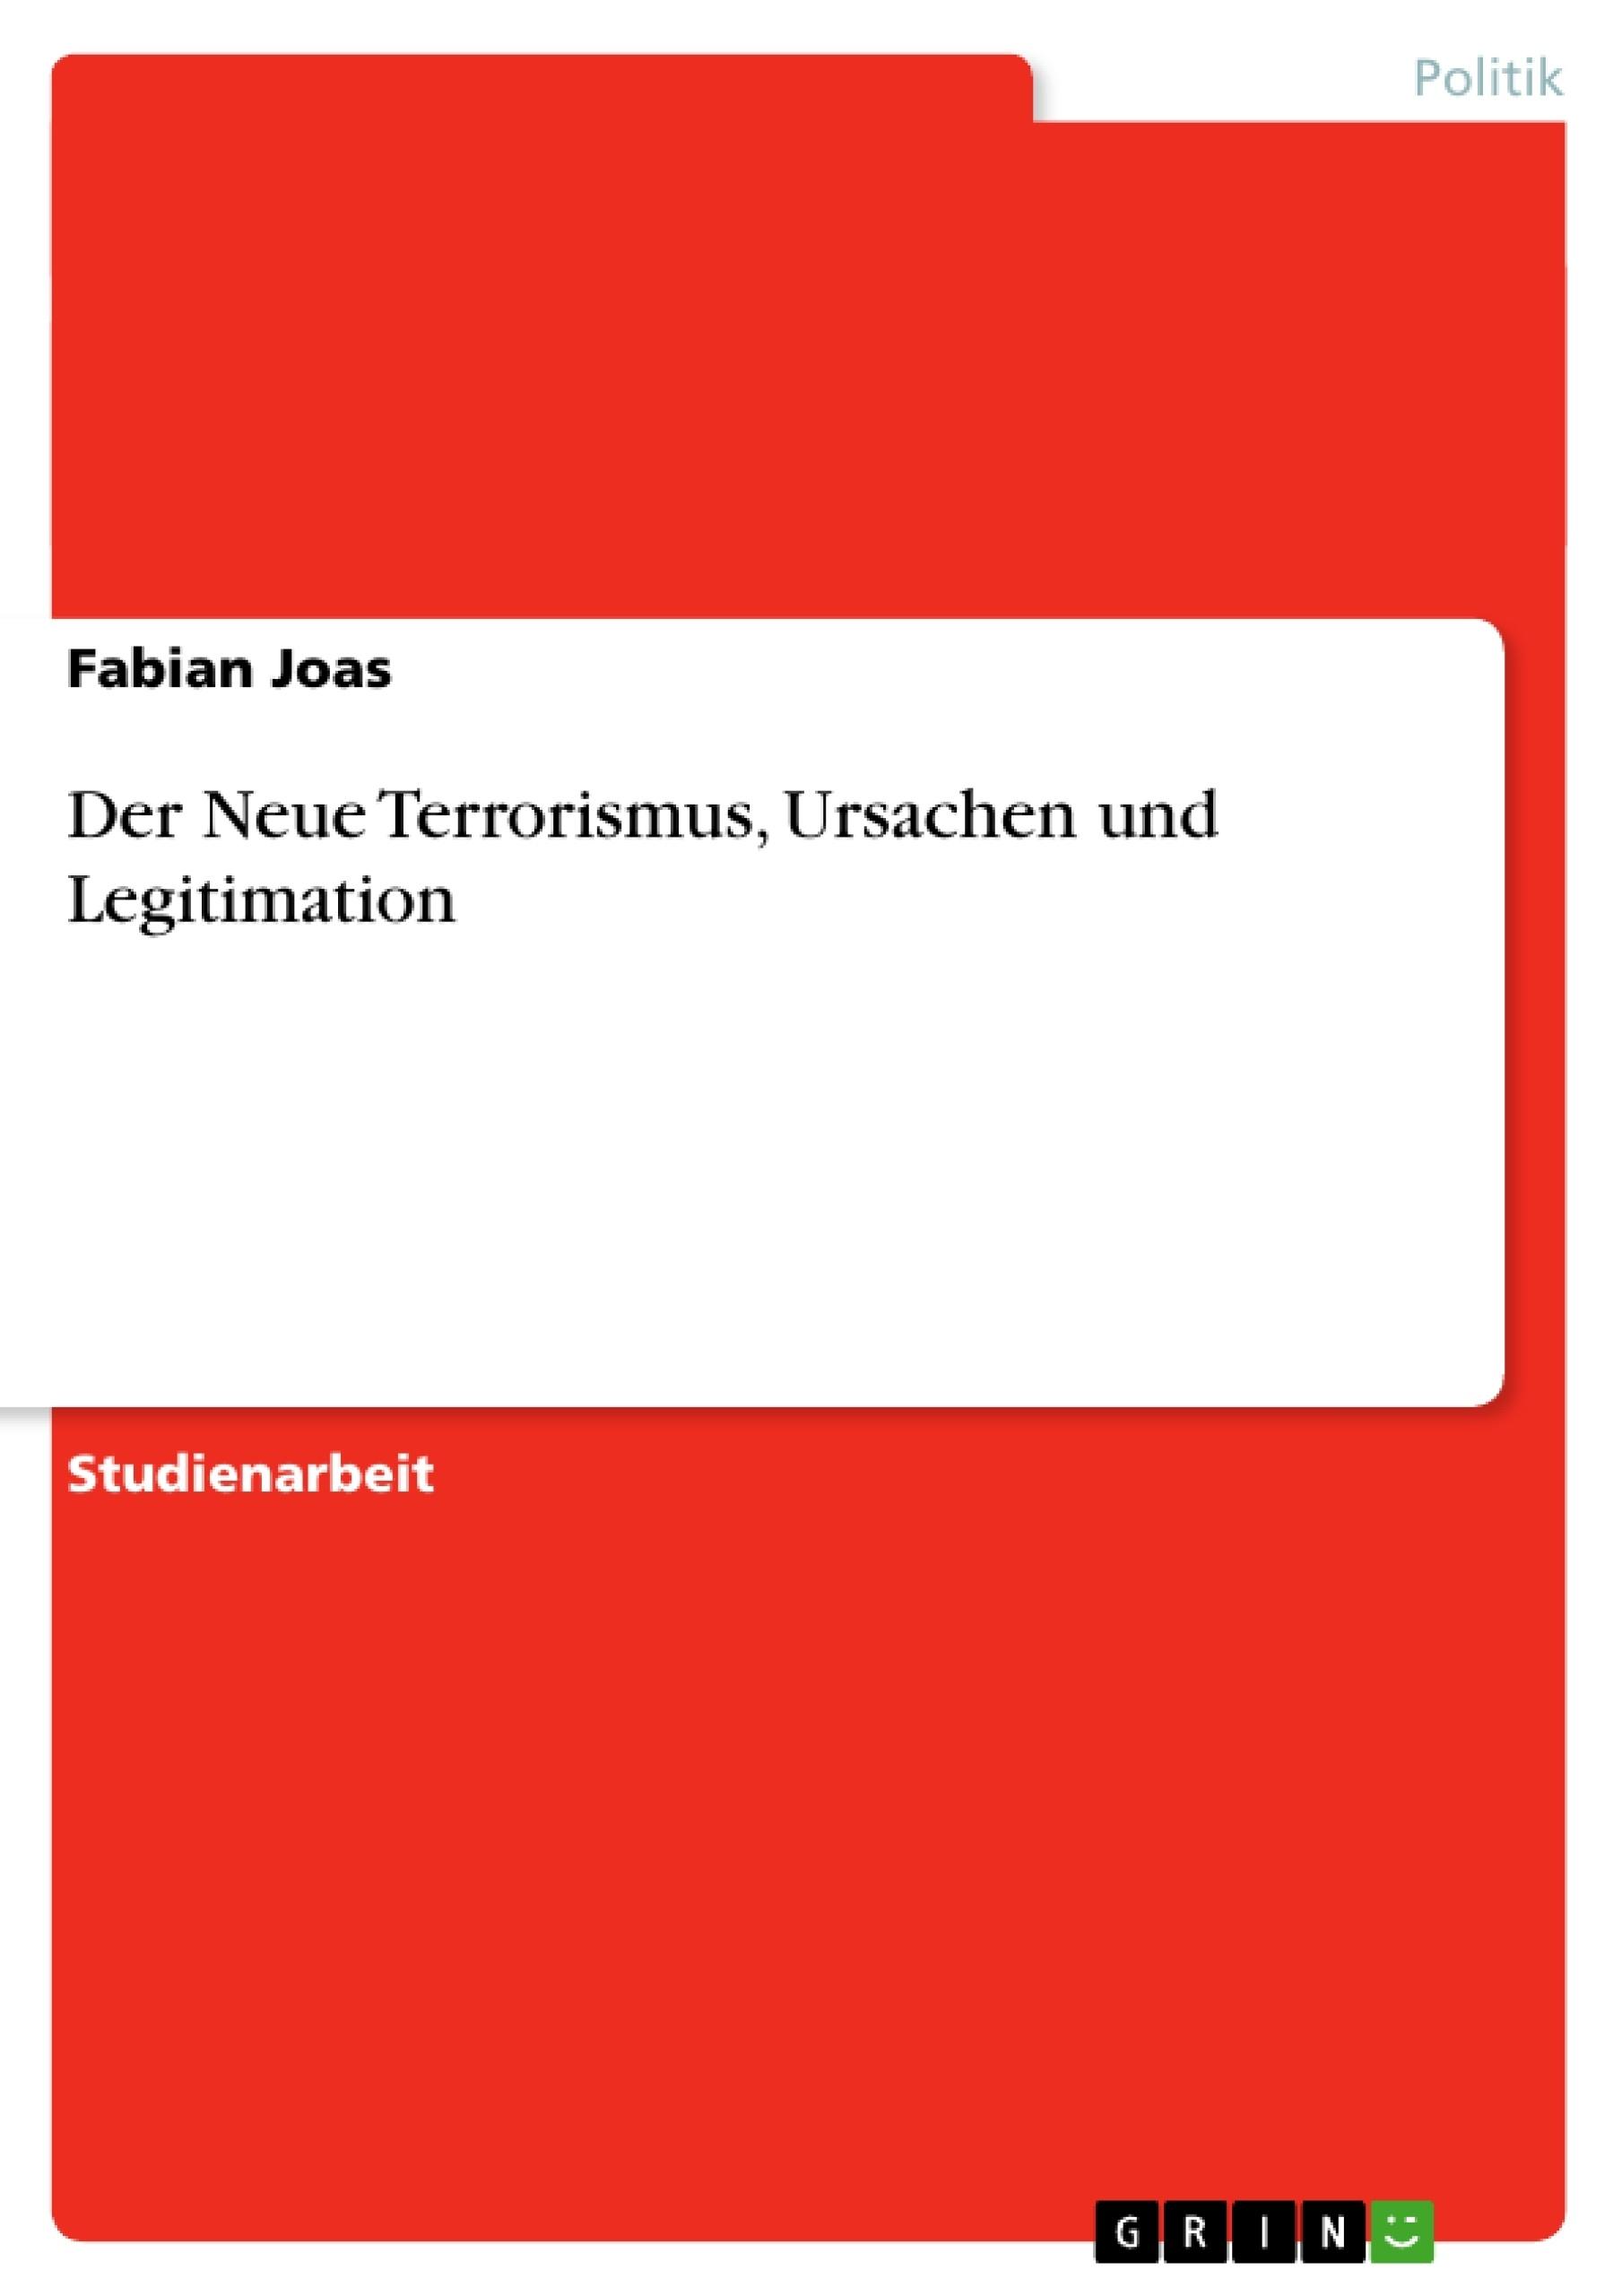 Titel: Der Neue Terrorismus, Ursachen und Legitimation